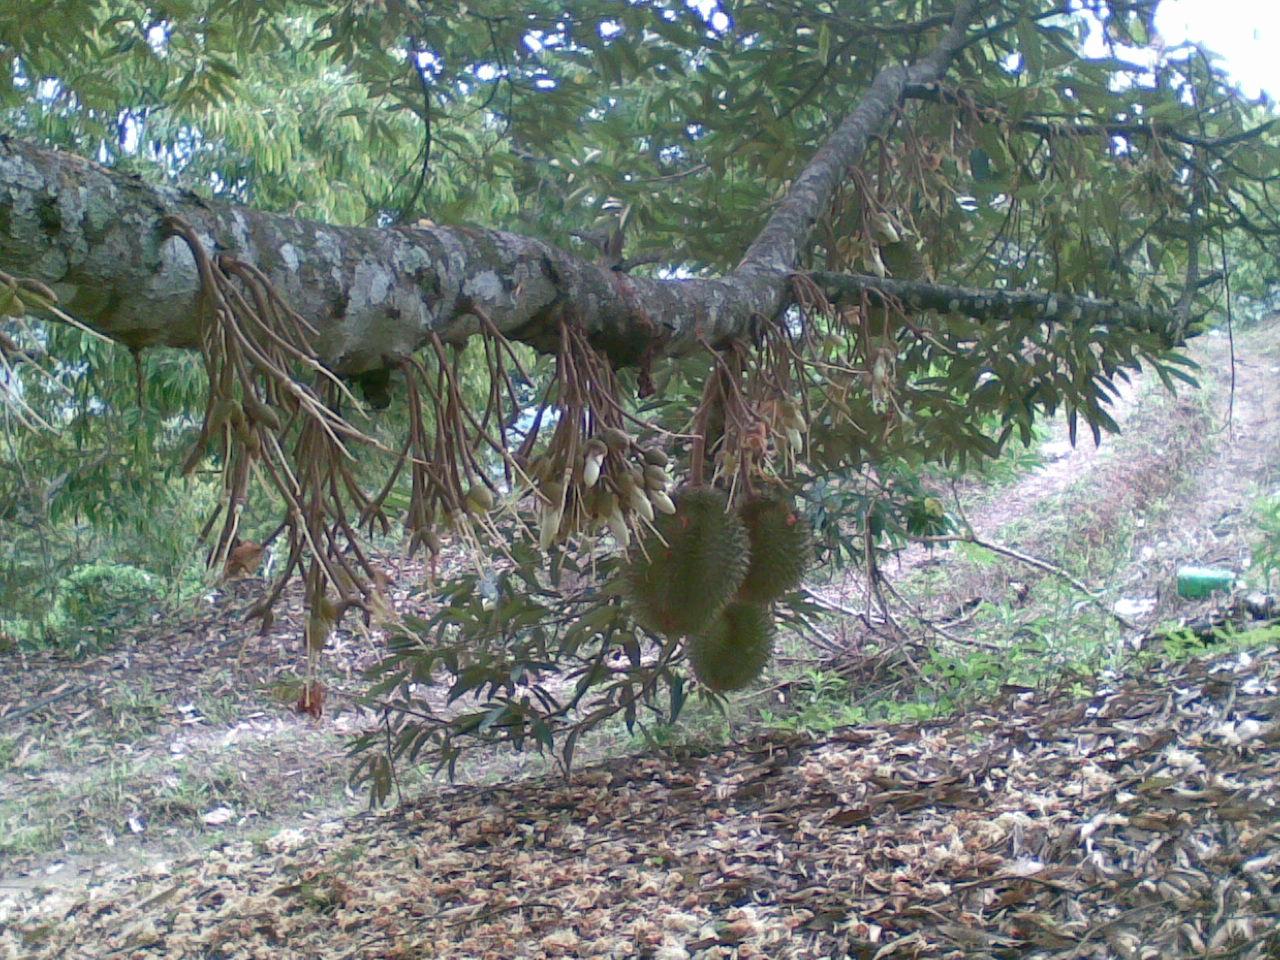 氨基酸微量元素叶面肥适用于榴莲树,稻米橡胶树油棕树蔬菜等农作物